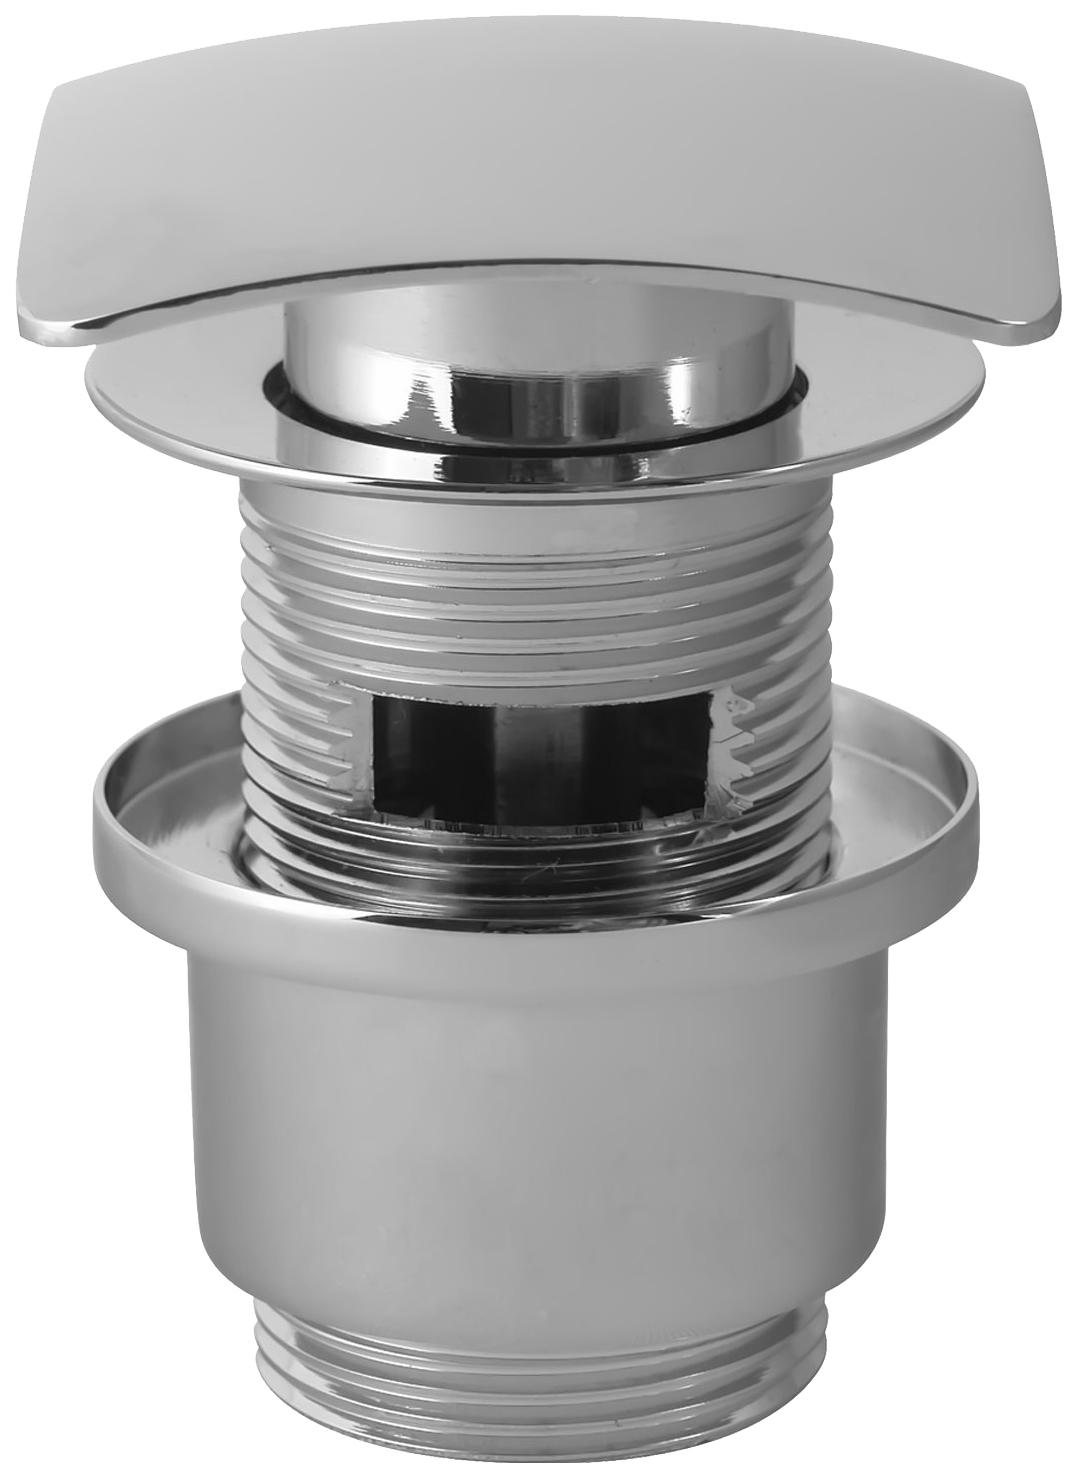 Донный клапан для мойки Blanco к мойке Andano 119512 фото